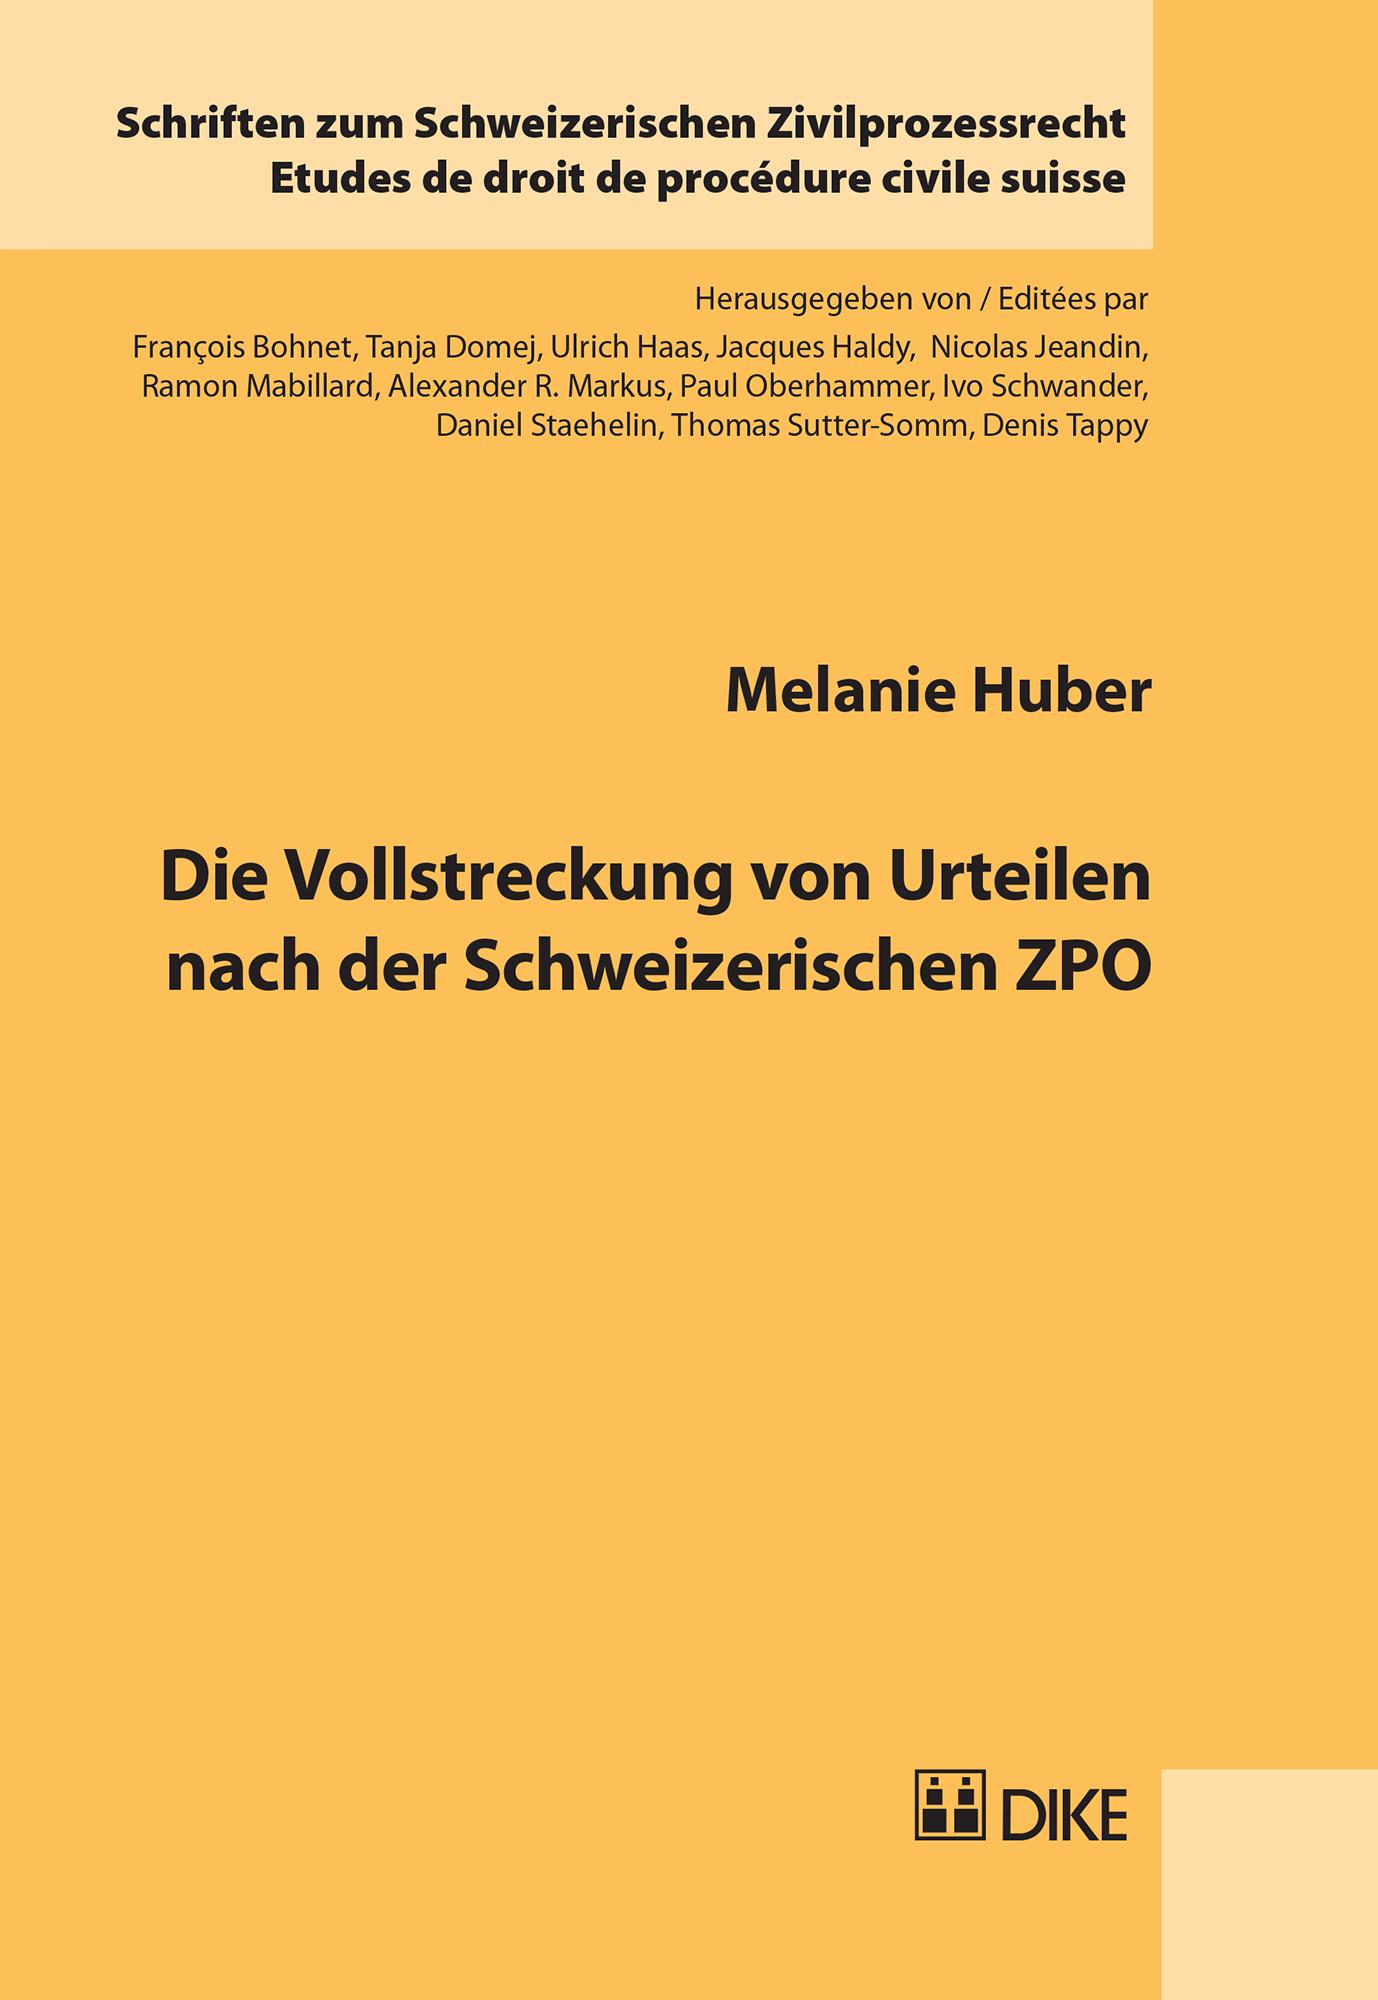 Die Vollstreckung von Urteilen nach der Schweizerischen ZPO